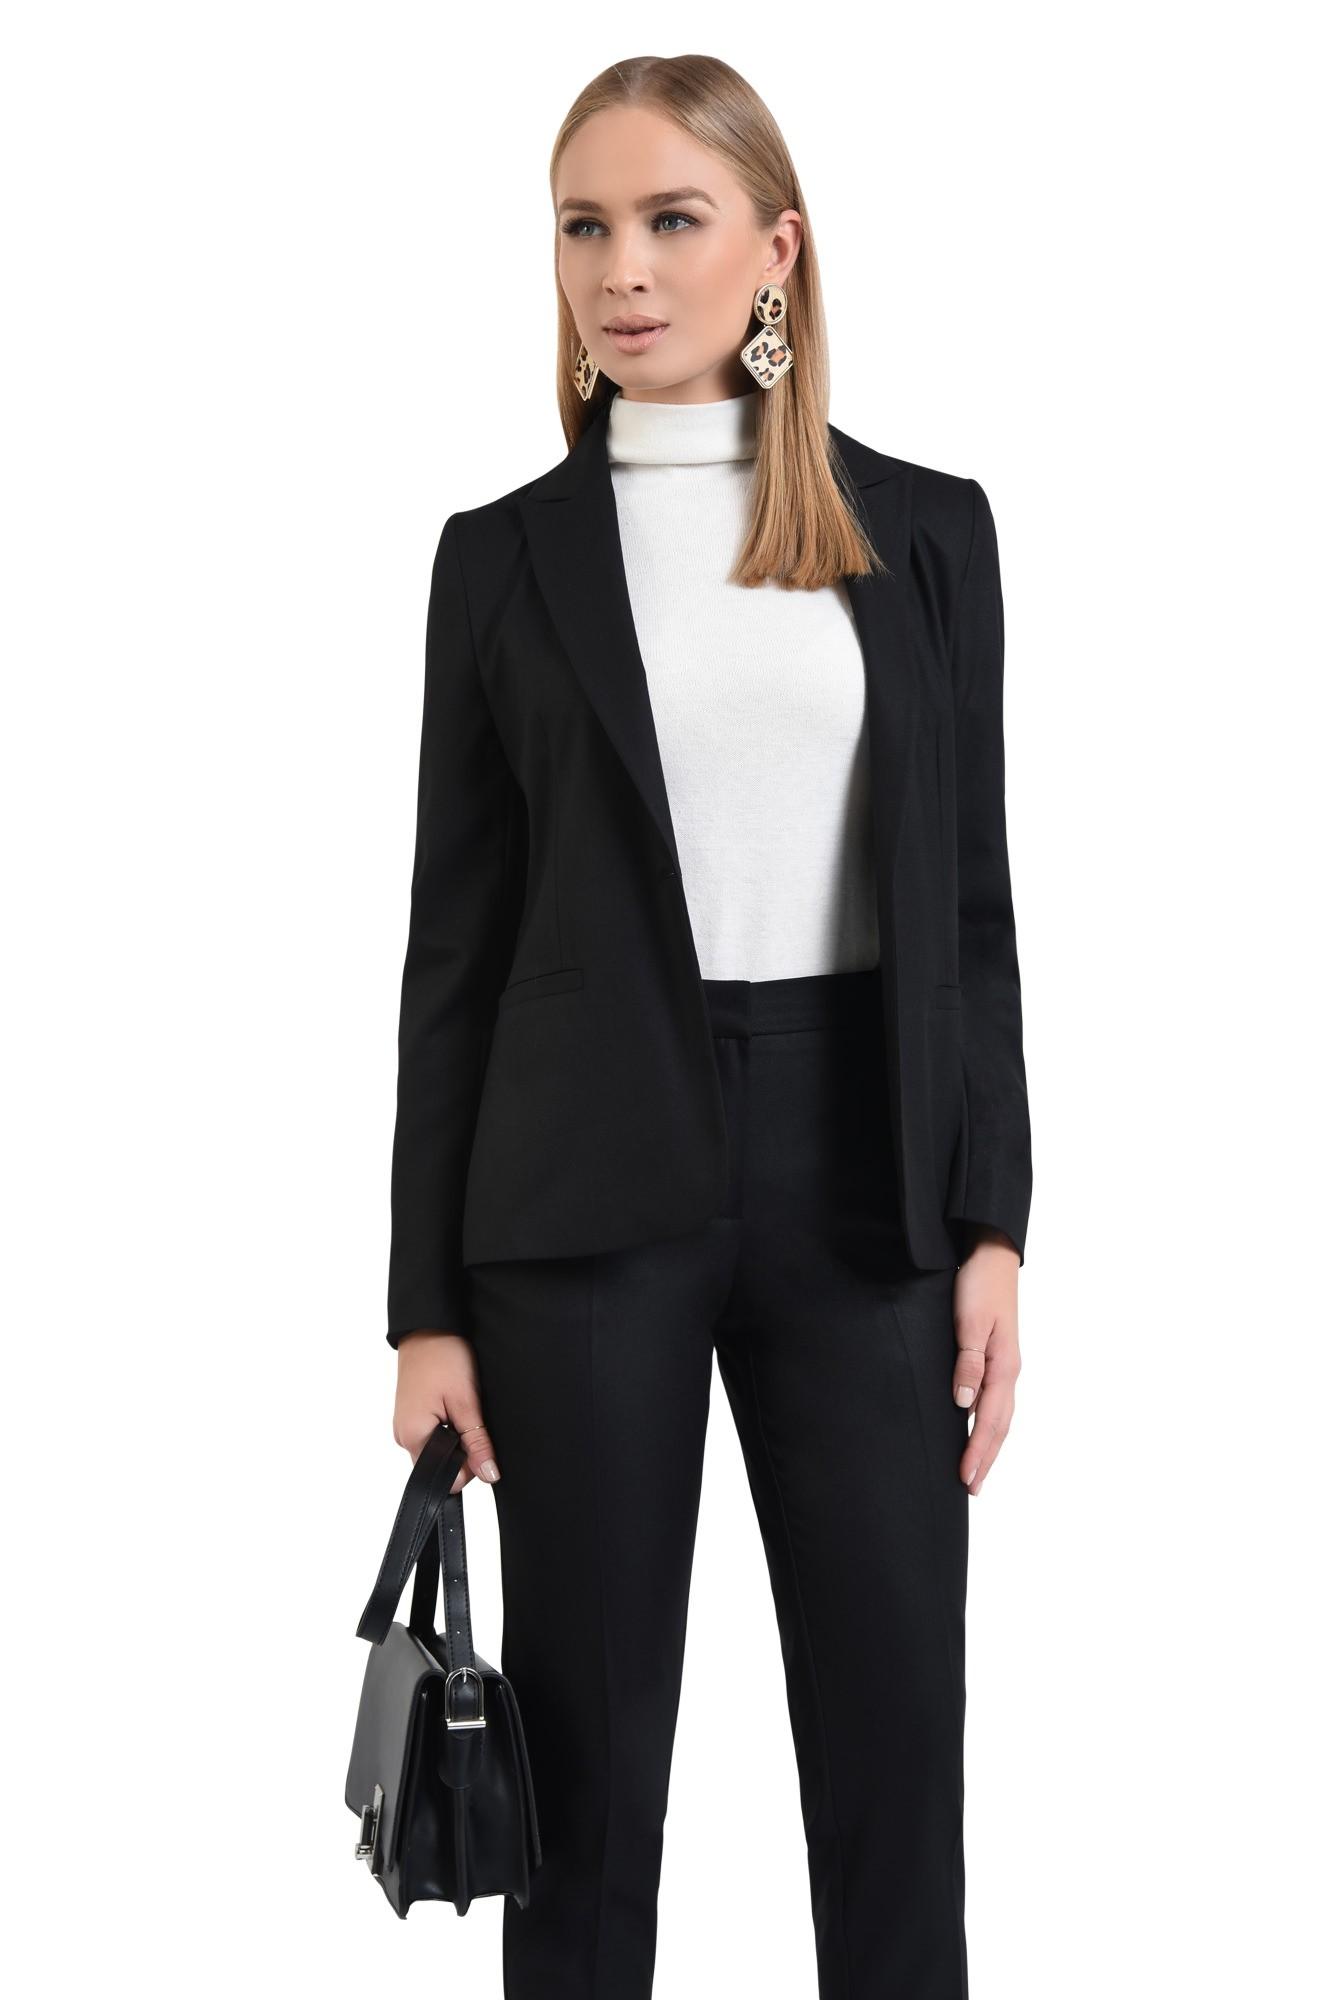 pantaloni tigareta, croi conic, office